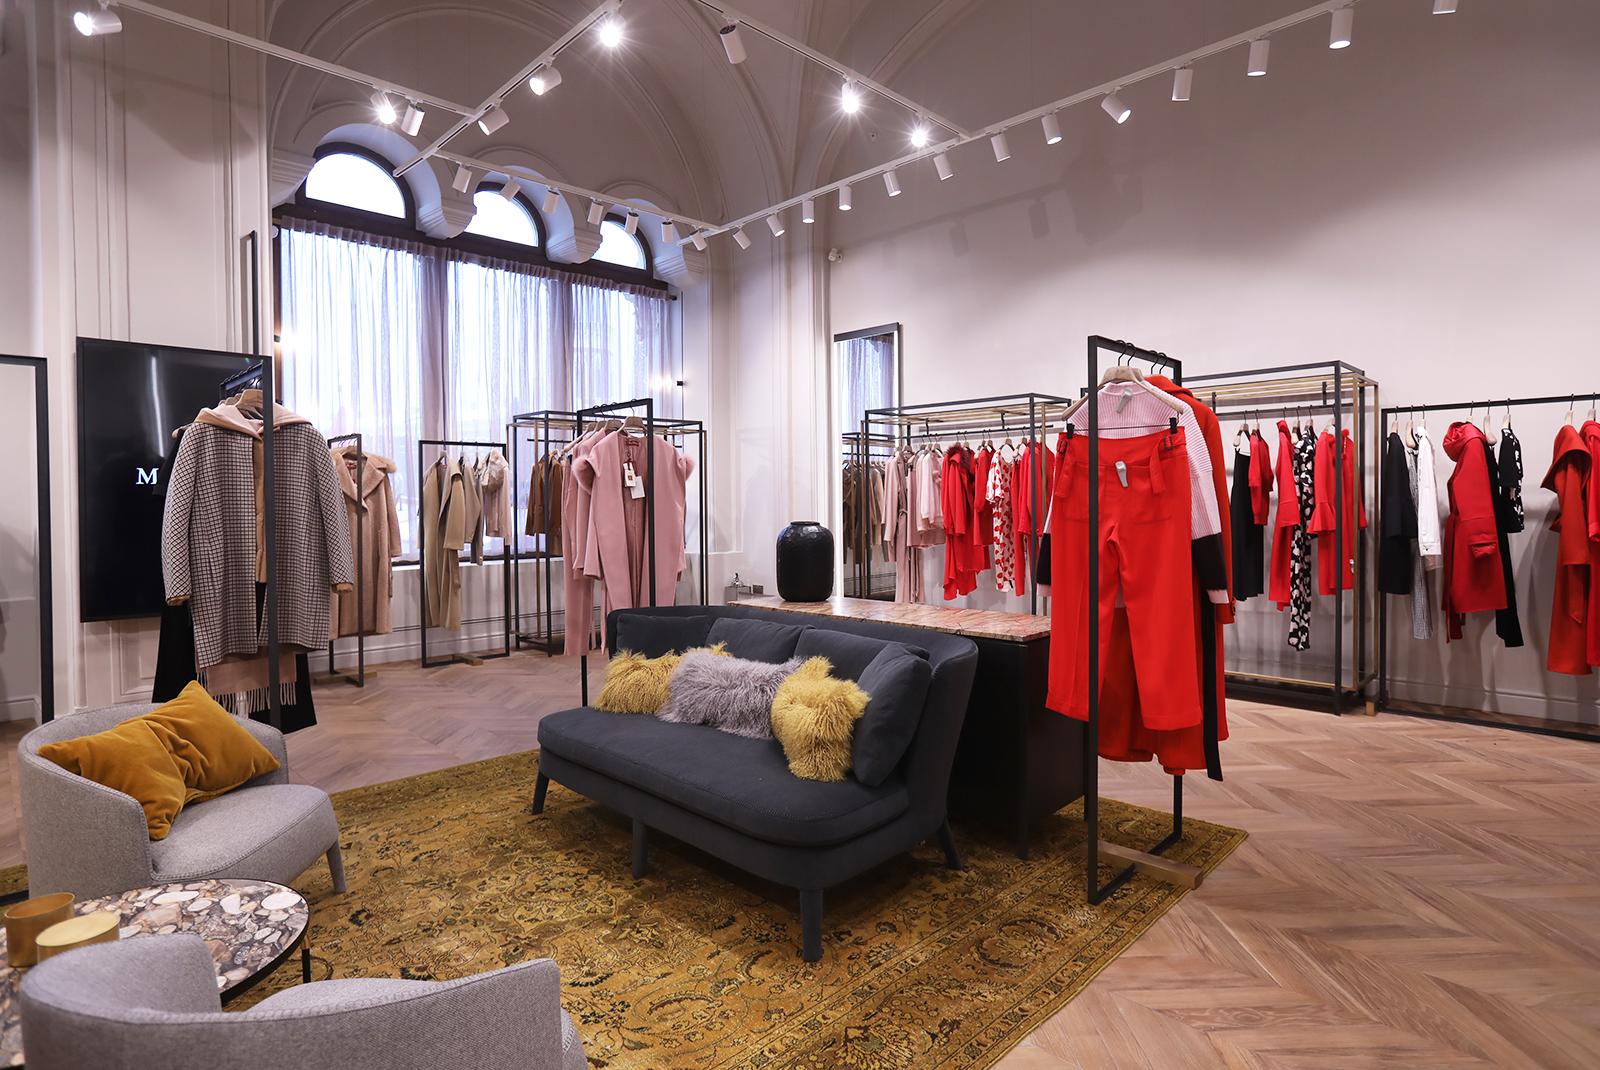 Новый двухэтажный магазин Max Mara в ГУМе 524b6e13690